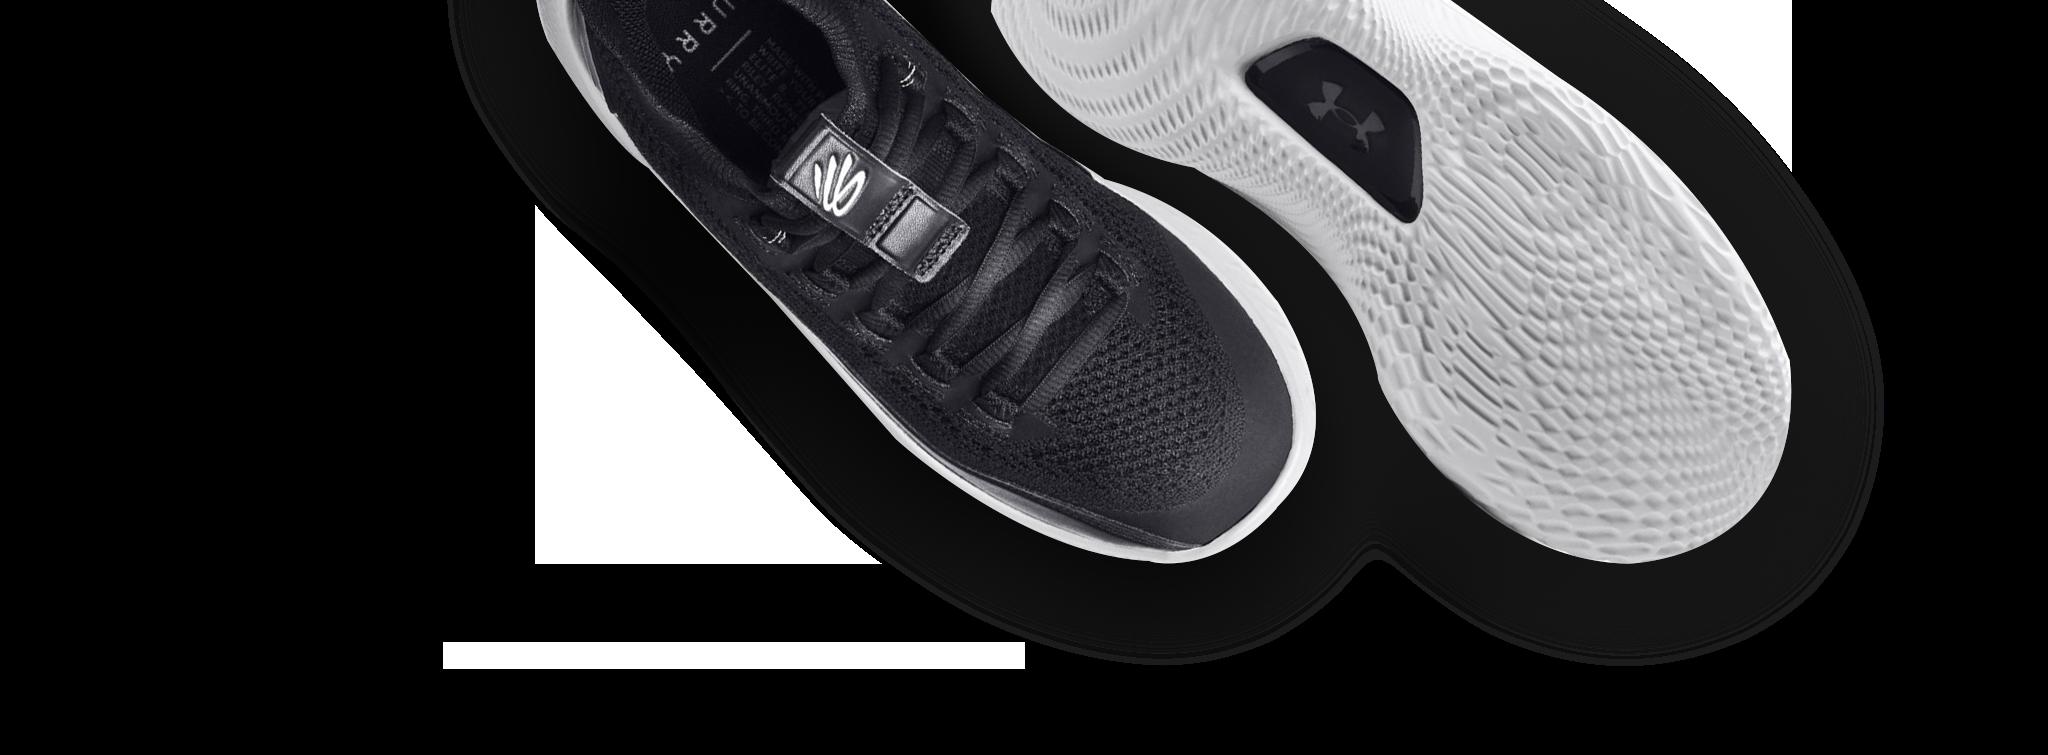 scarpe_nere